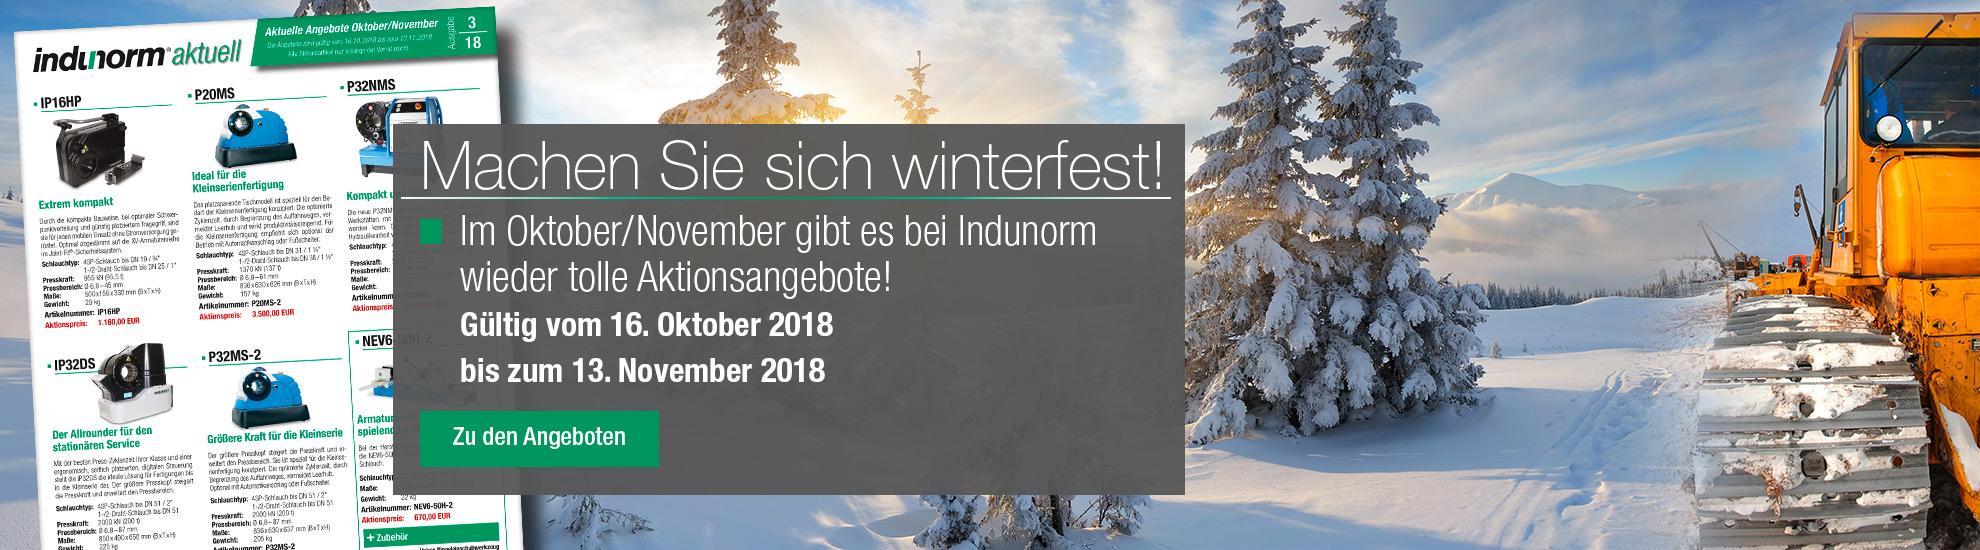 Indunorm aktuell 3/2018